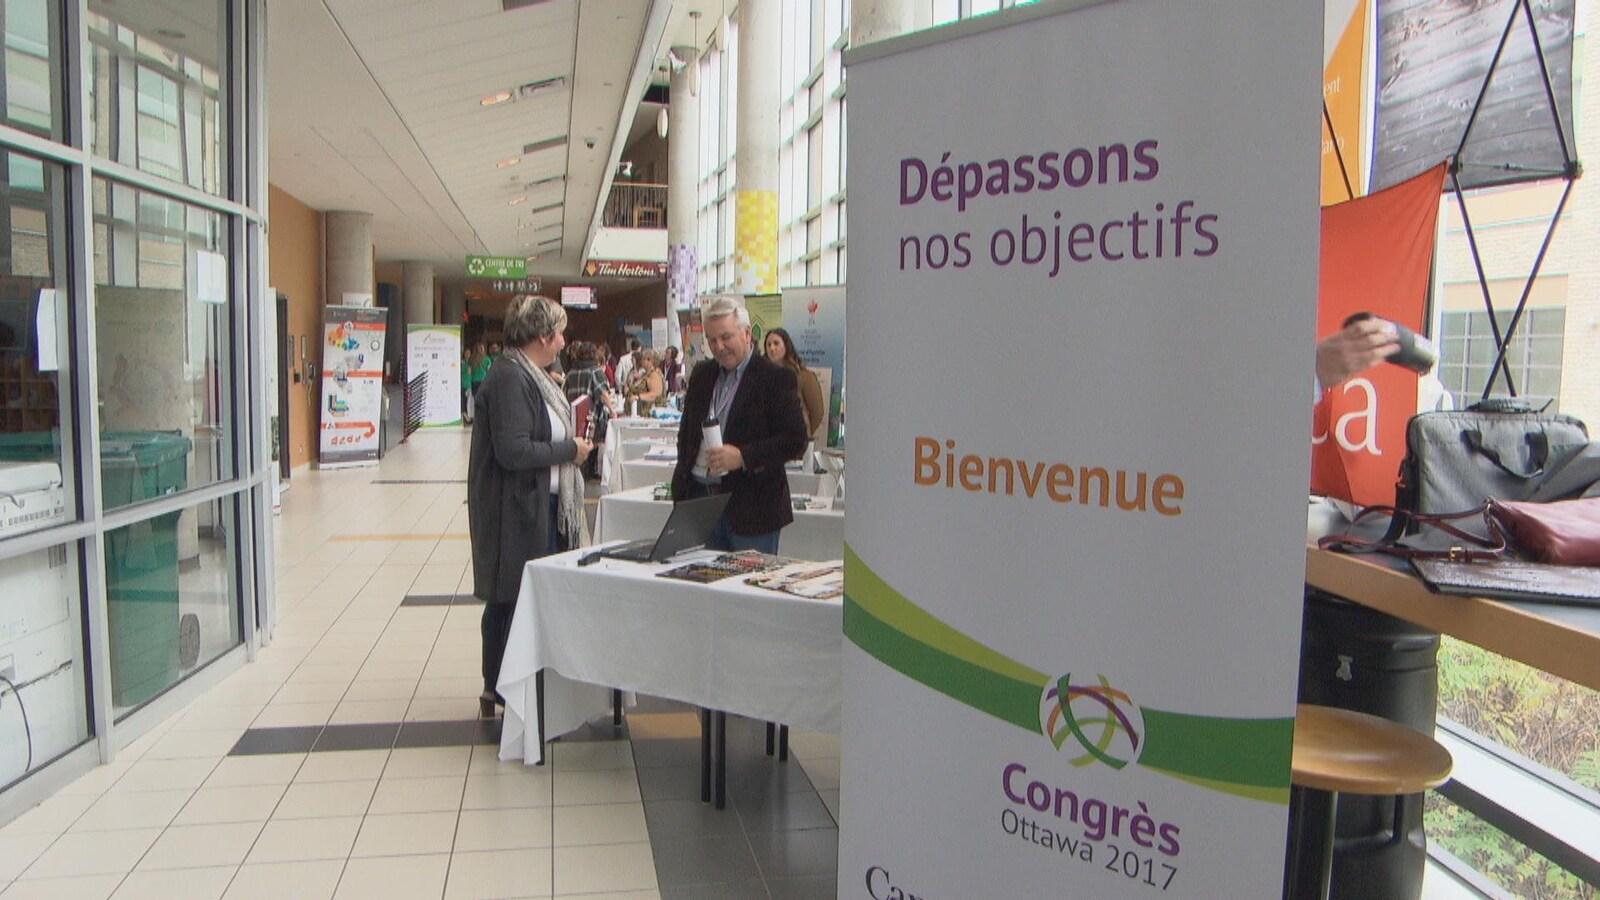 Une affiche d'accueil des participants au congrès indique le thème «Dépassons nos objectifs».